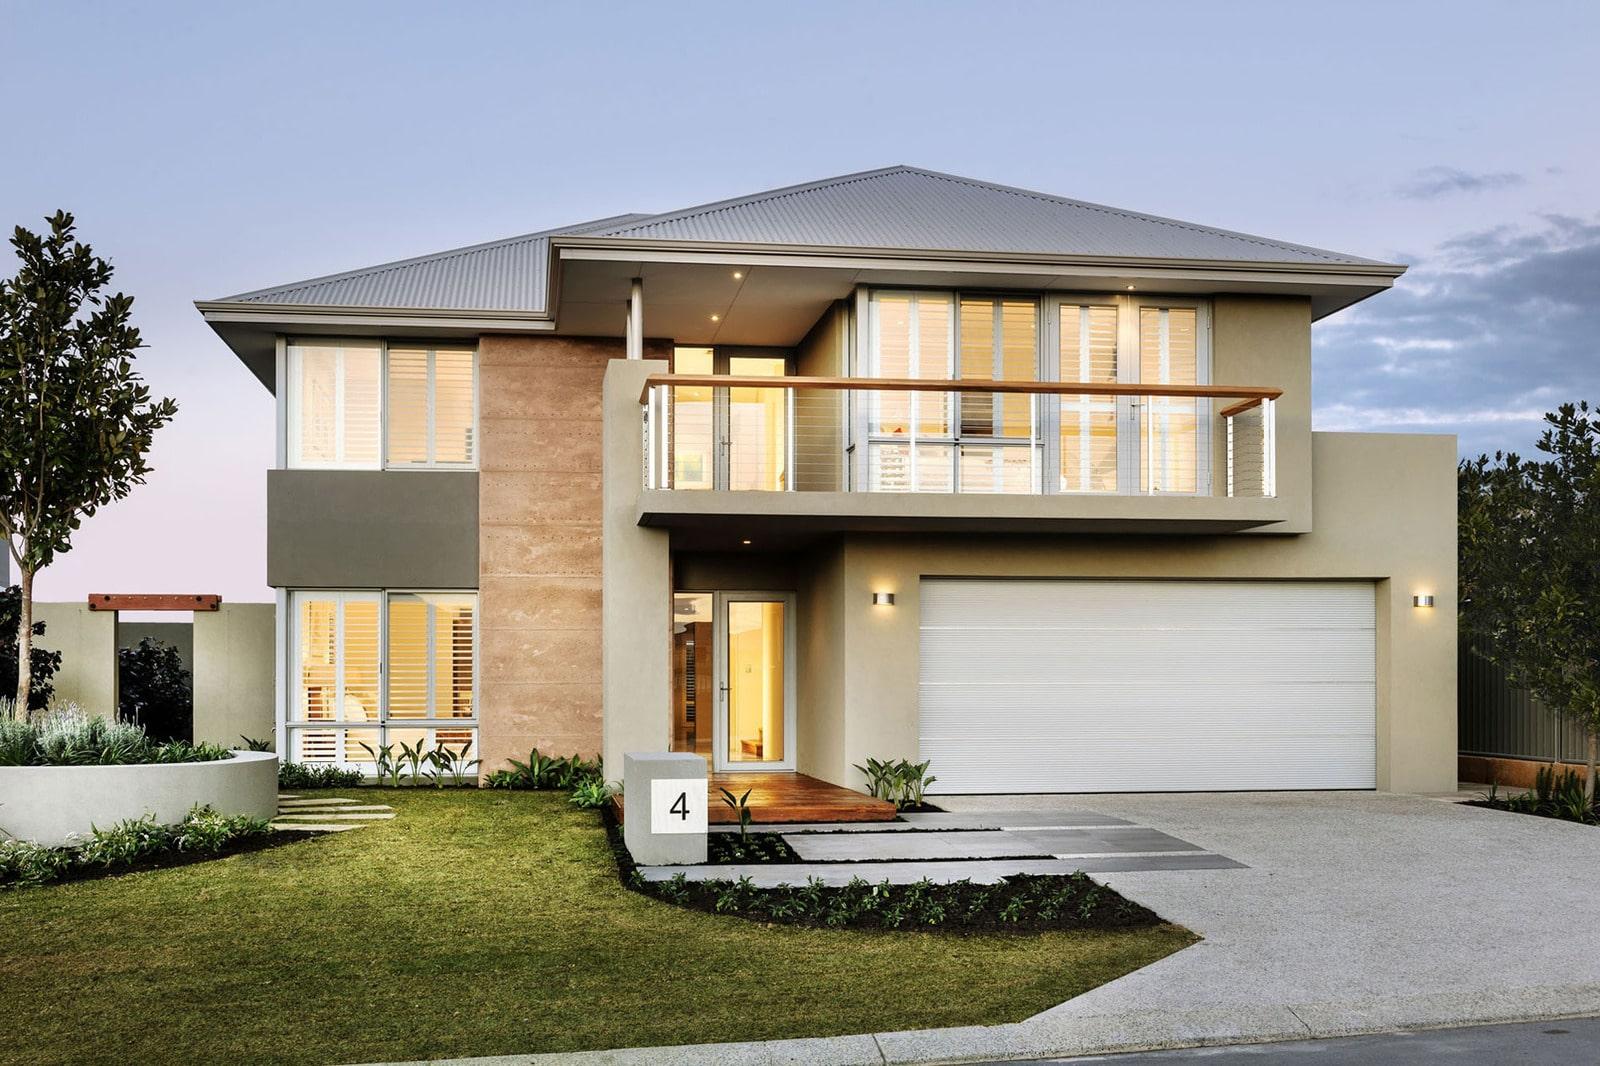 Casa Moderna De Dos Pisos Con Hermoso Diseo Fachada E Interiores